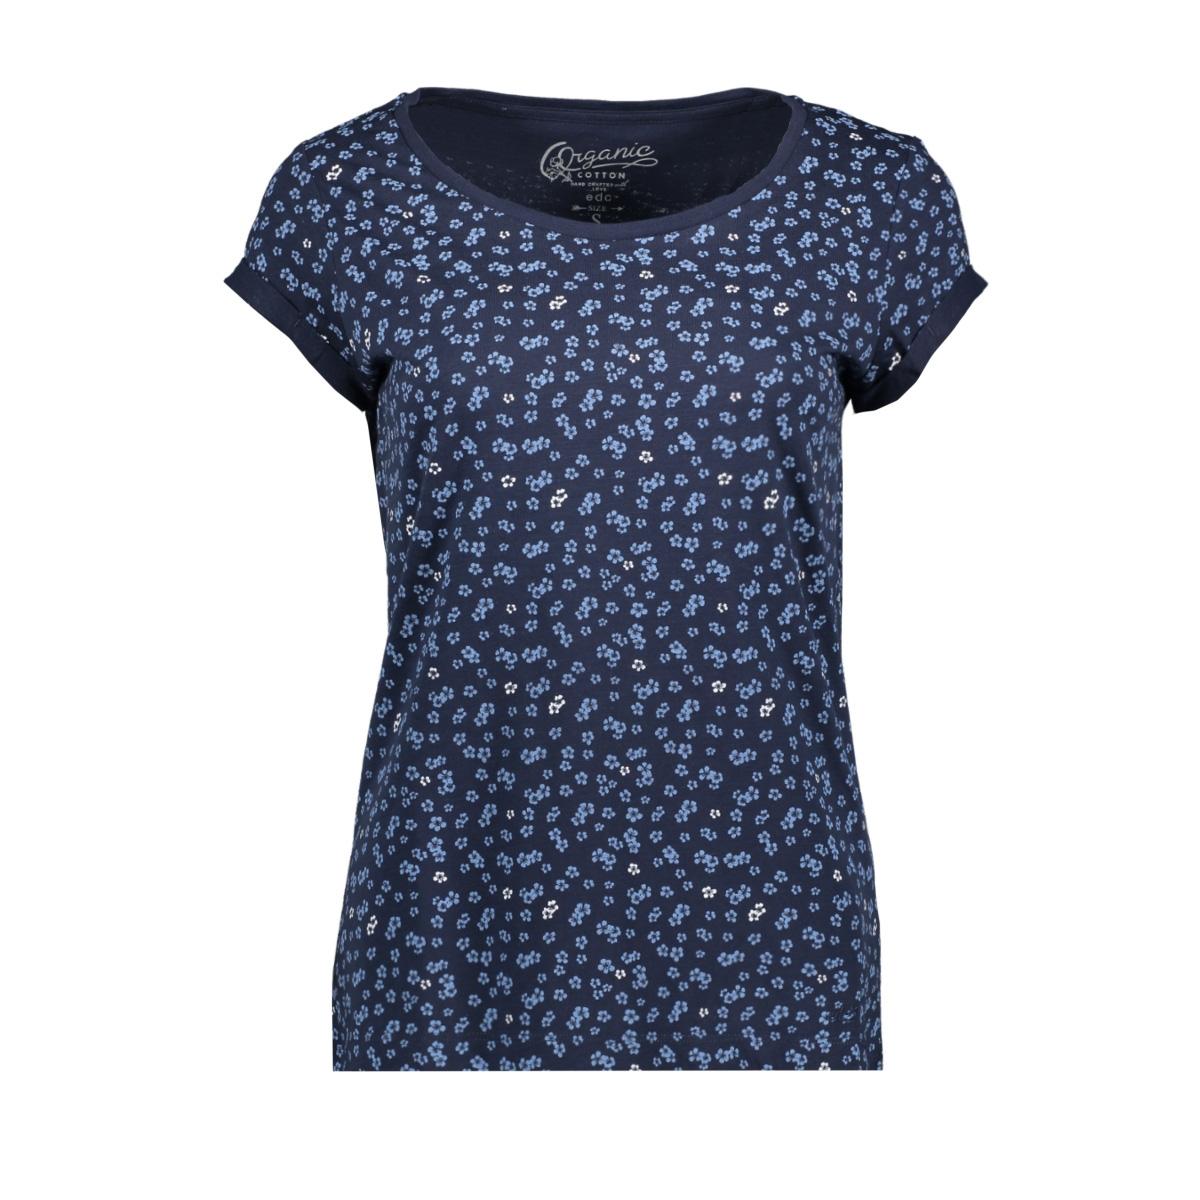 t shirt 059cc1k027 edc t-shirt c401